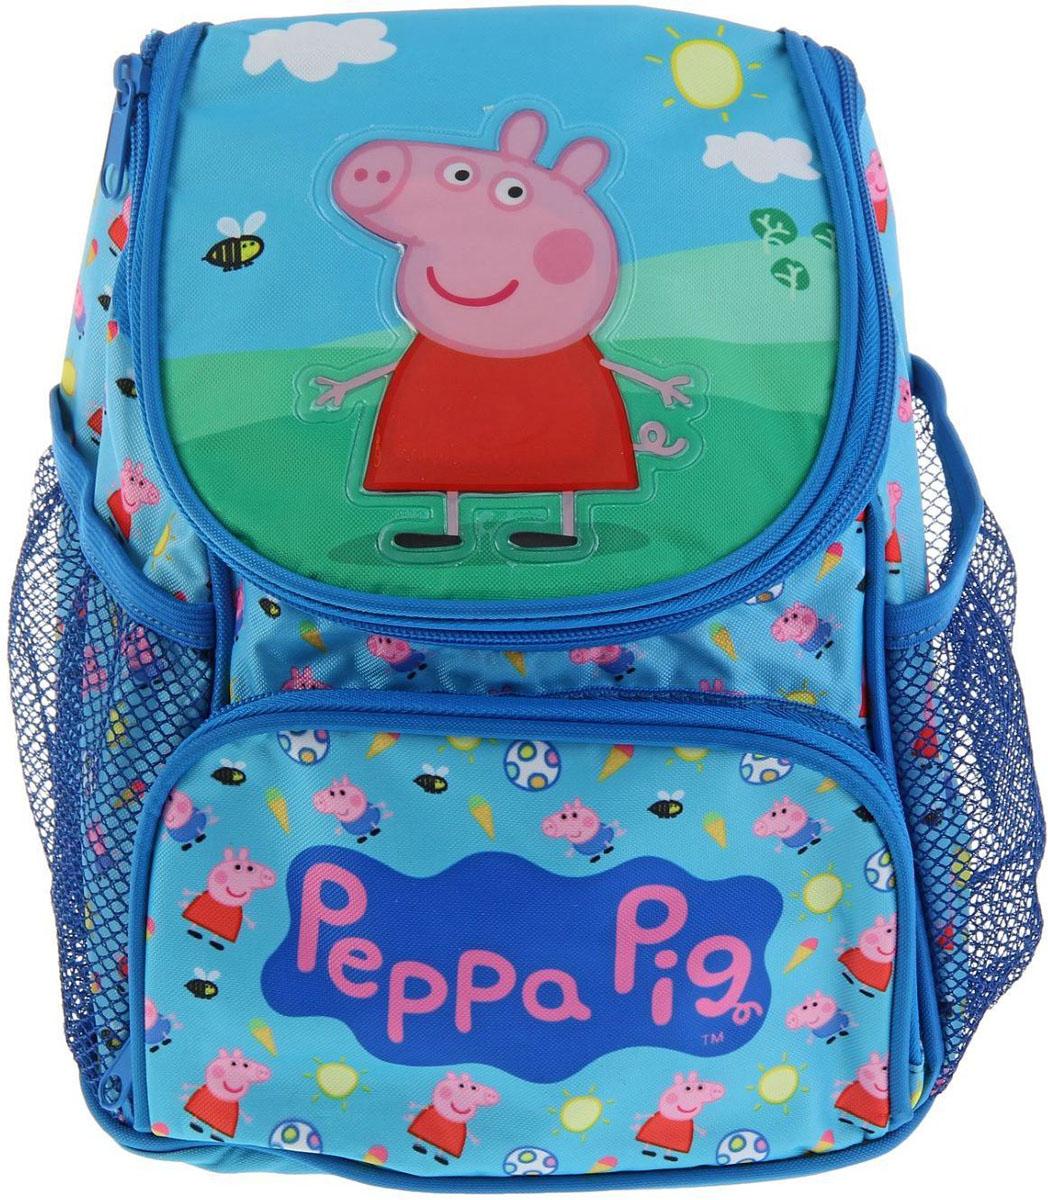 Peppa Pig Рюкзак детский Свинка Пеппа1416885Яркий, пёстрый и невероятно милый Рюкзачок детский Свинка Пеппа 23*19*8 см позволит вашему чаду почувствовать себя самостоятельным, приучит его к аккуратности и дисциплине.Такой изысканный текстильный мини-рюкзак девочки могут использовать как косметичку, складывая туда детскую помаду и блёстки. А парни с удовольствием положат туда несколько любимых машинок и футбольный мяч или, позабыв обо всём, будут бегать с друзьями во дворе, поместив сумку себе за спину.Рюкзачок детский Свинка Пеппа 23*19*8 см — прекрасный подарок ребёнку на день рождения или стимул начать подготовку к новому учебному году. Осчастливьте своё дитя красивой и надёжной вещью, и его радостная улыбка будет для вас заслуженной наградой!